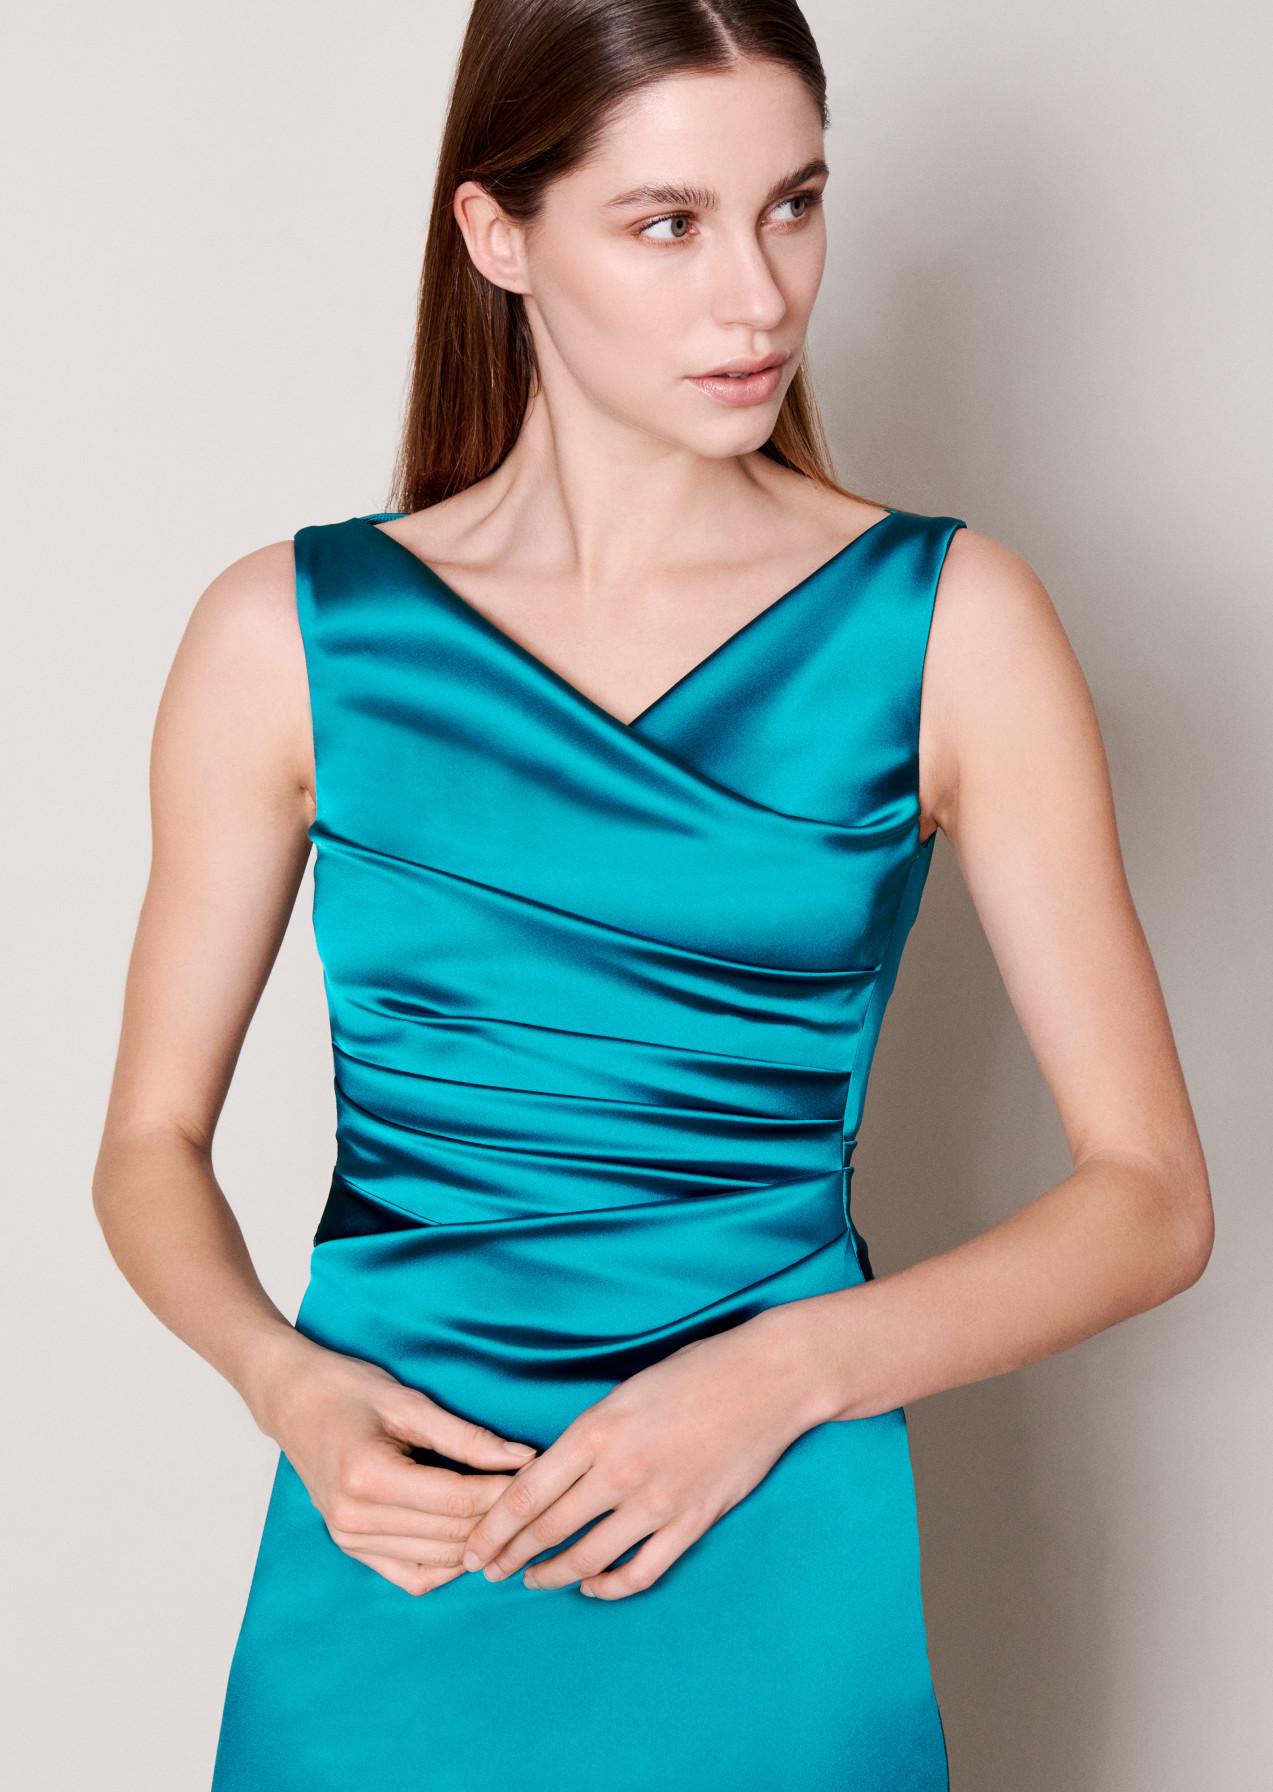 Kleid Hellblau Satin  chicago 2021